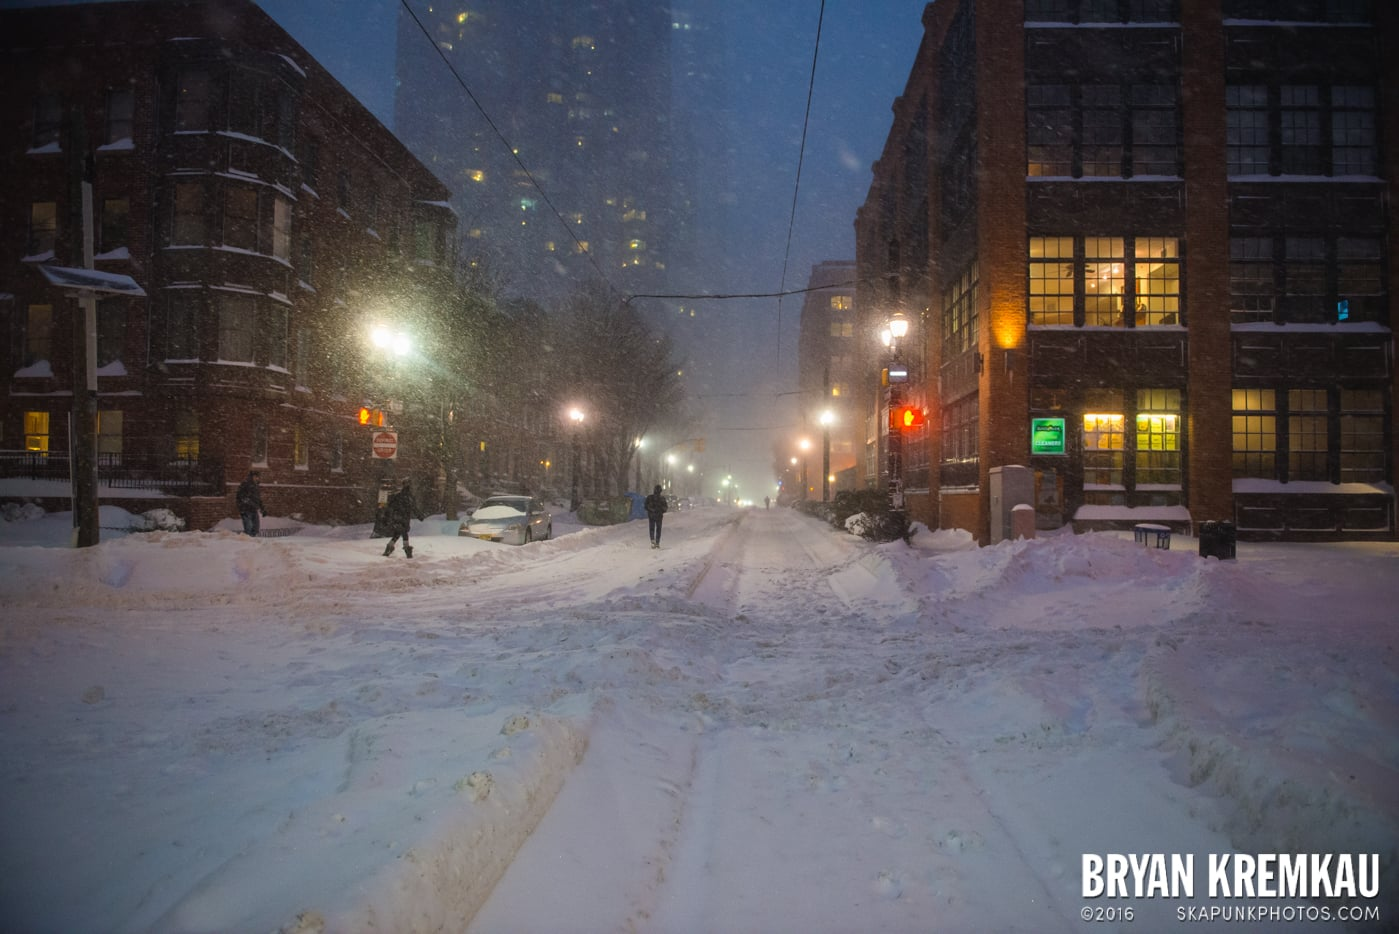 Blizzard 2016 in Jersey City, NJ - 1.23.16 (22)